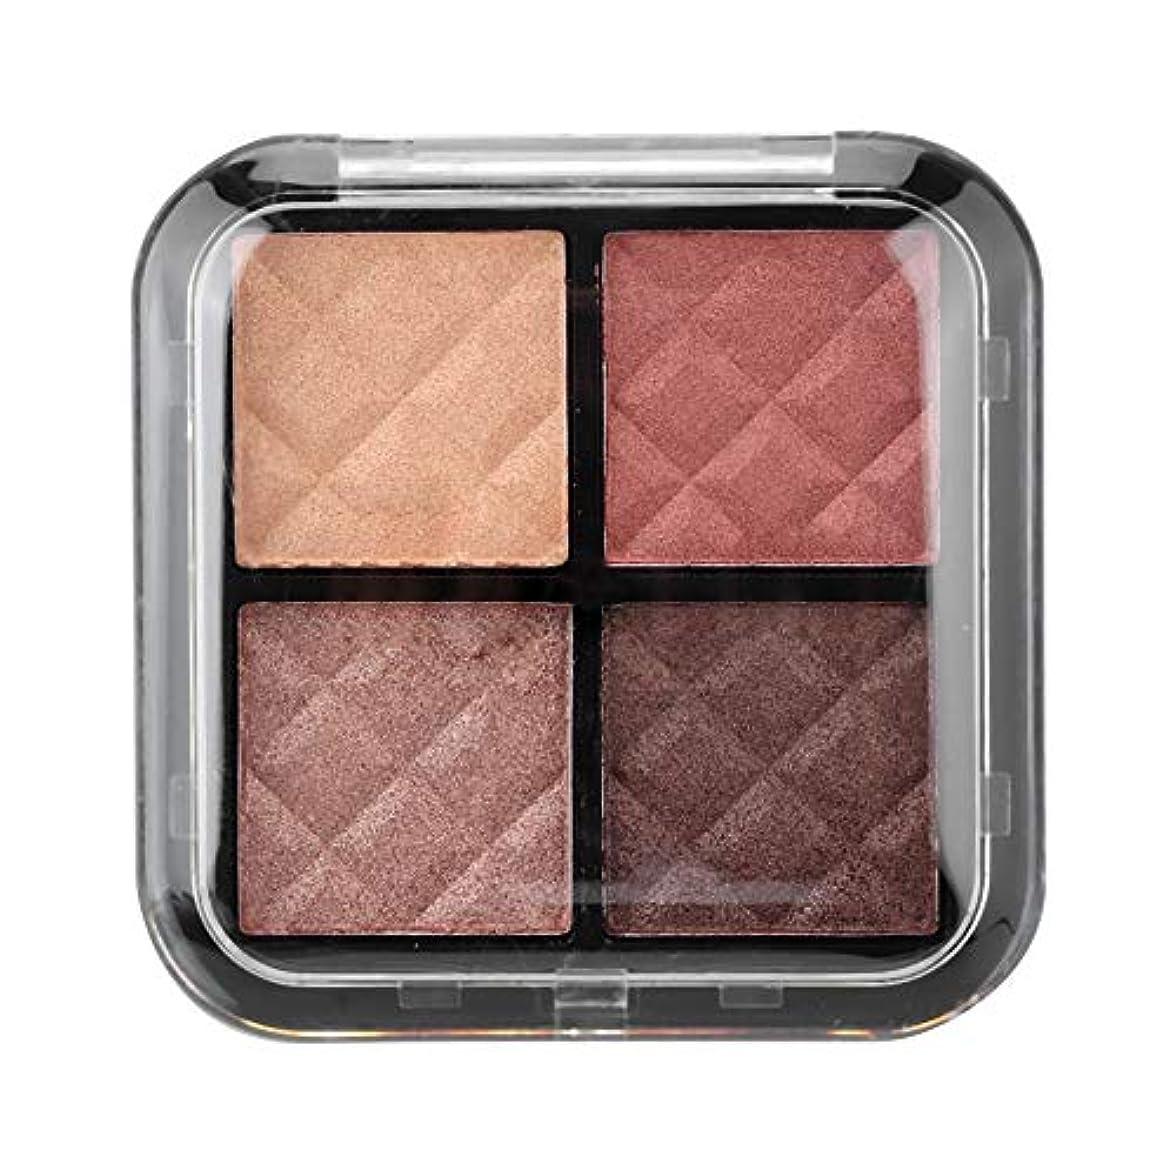 汚れる罪人せがむアイシャドウパレット 4色 化粧マット 化粧品ツール グロス アイシャドウパウダー(01)